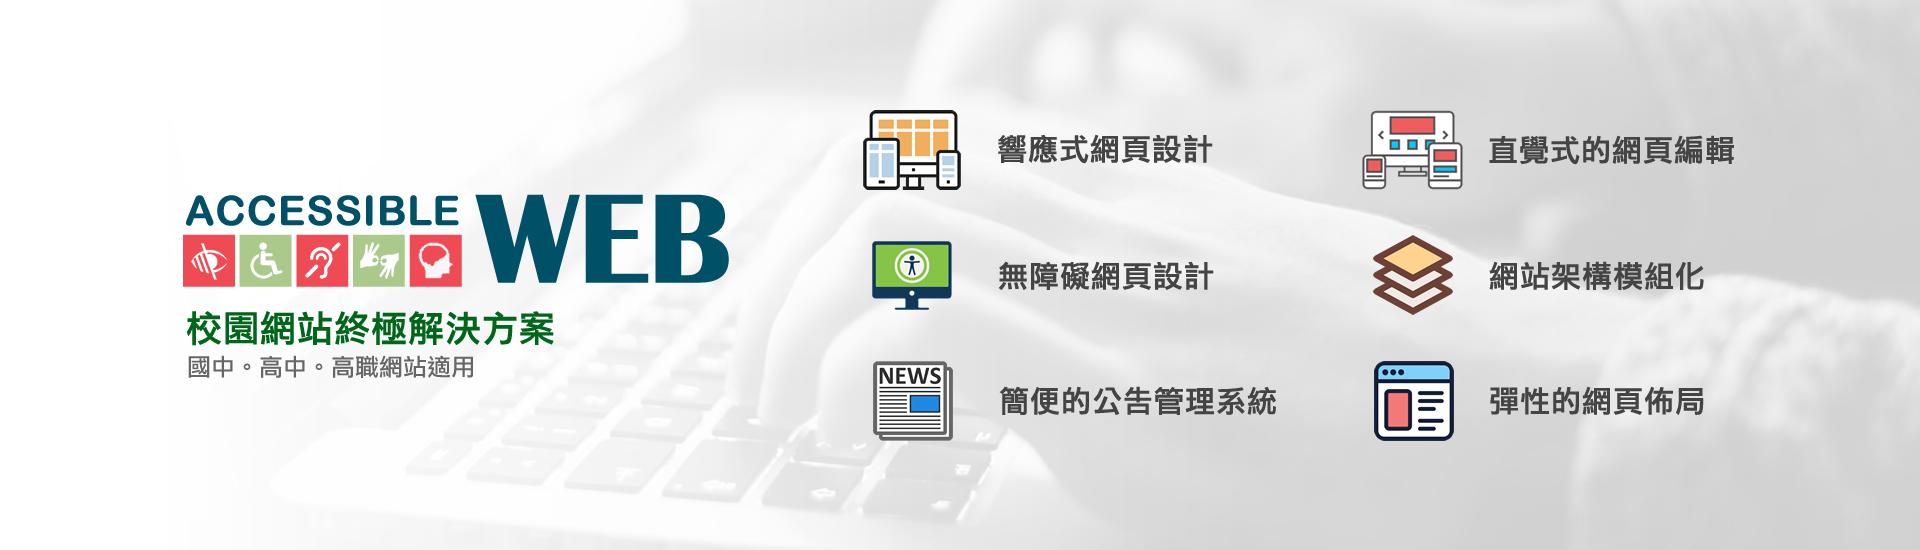 校園網站 4.0 - 校園網站的終極解決方案